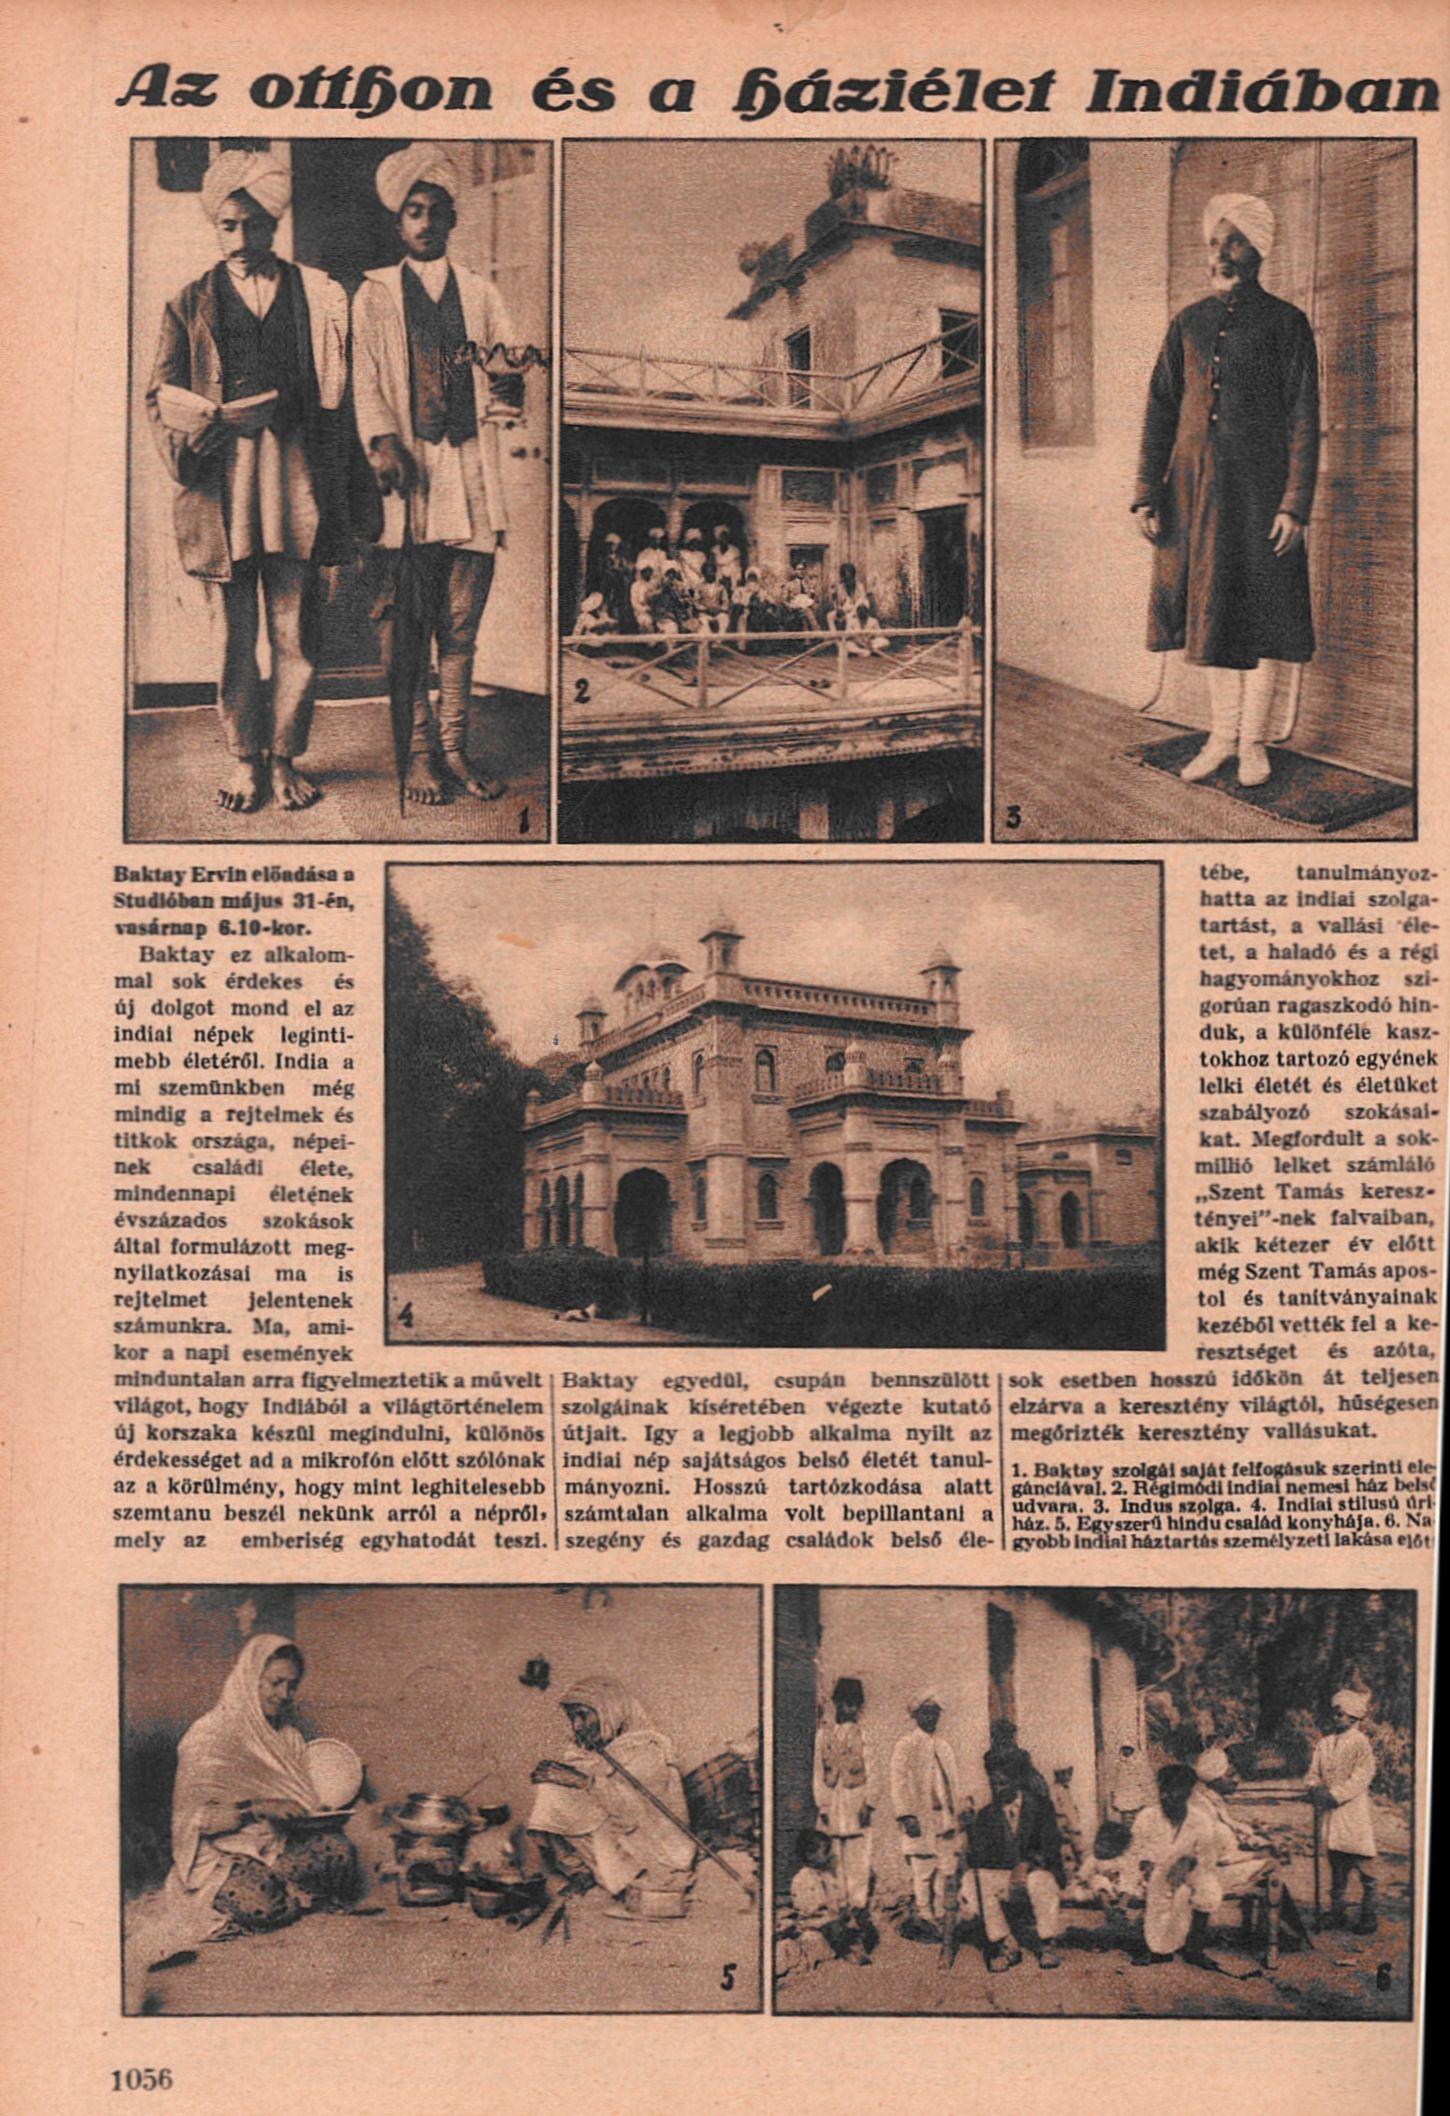 Az otthon és a háziélet Indiában. = Rádióélet. 1931. máj. 29. (22.<br />sz.) p. 1056.